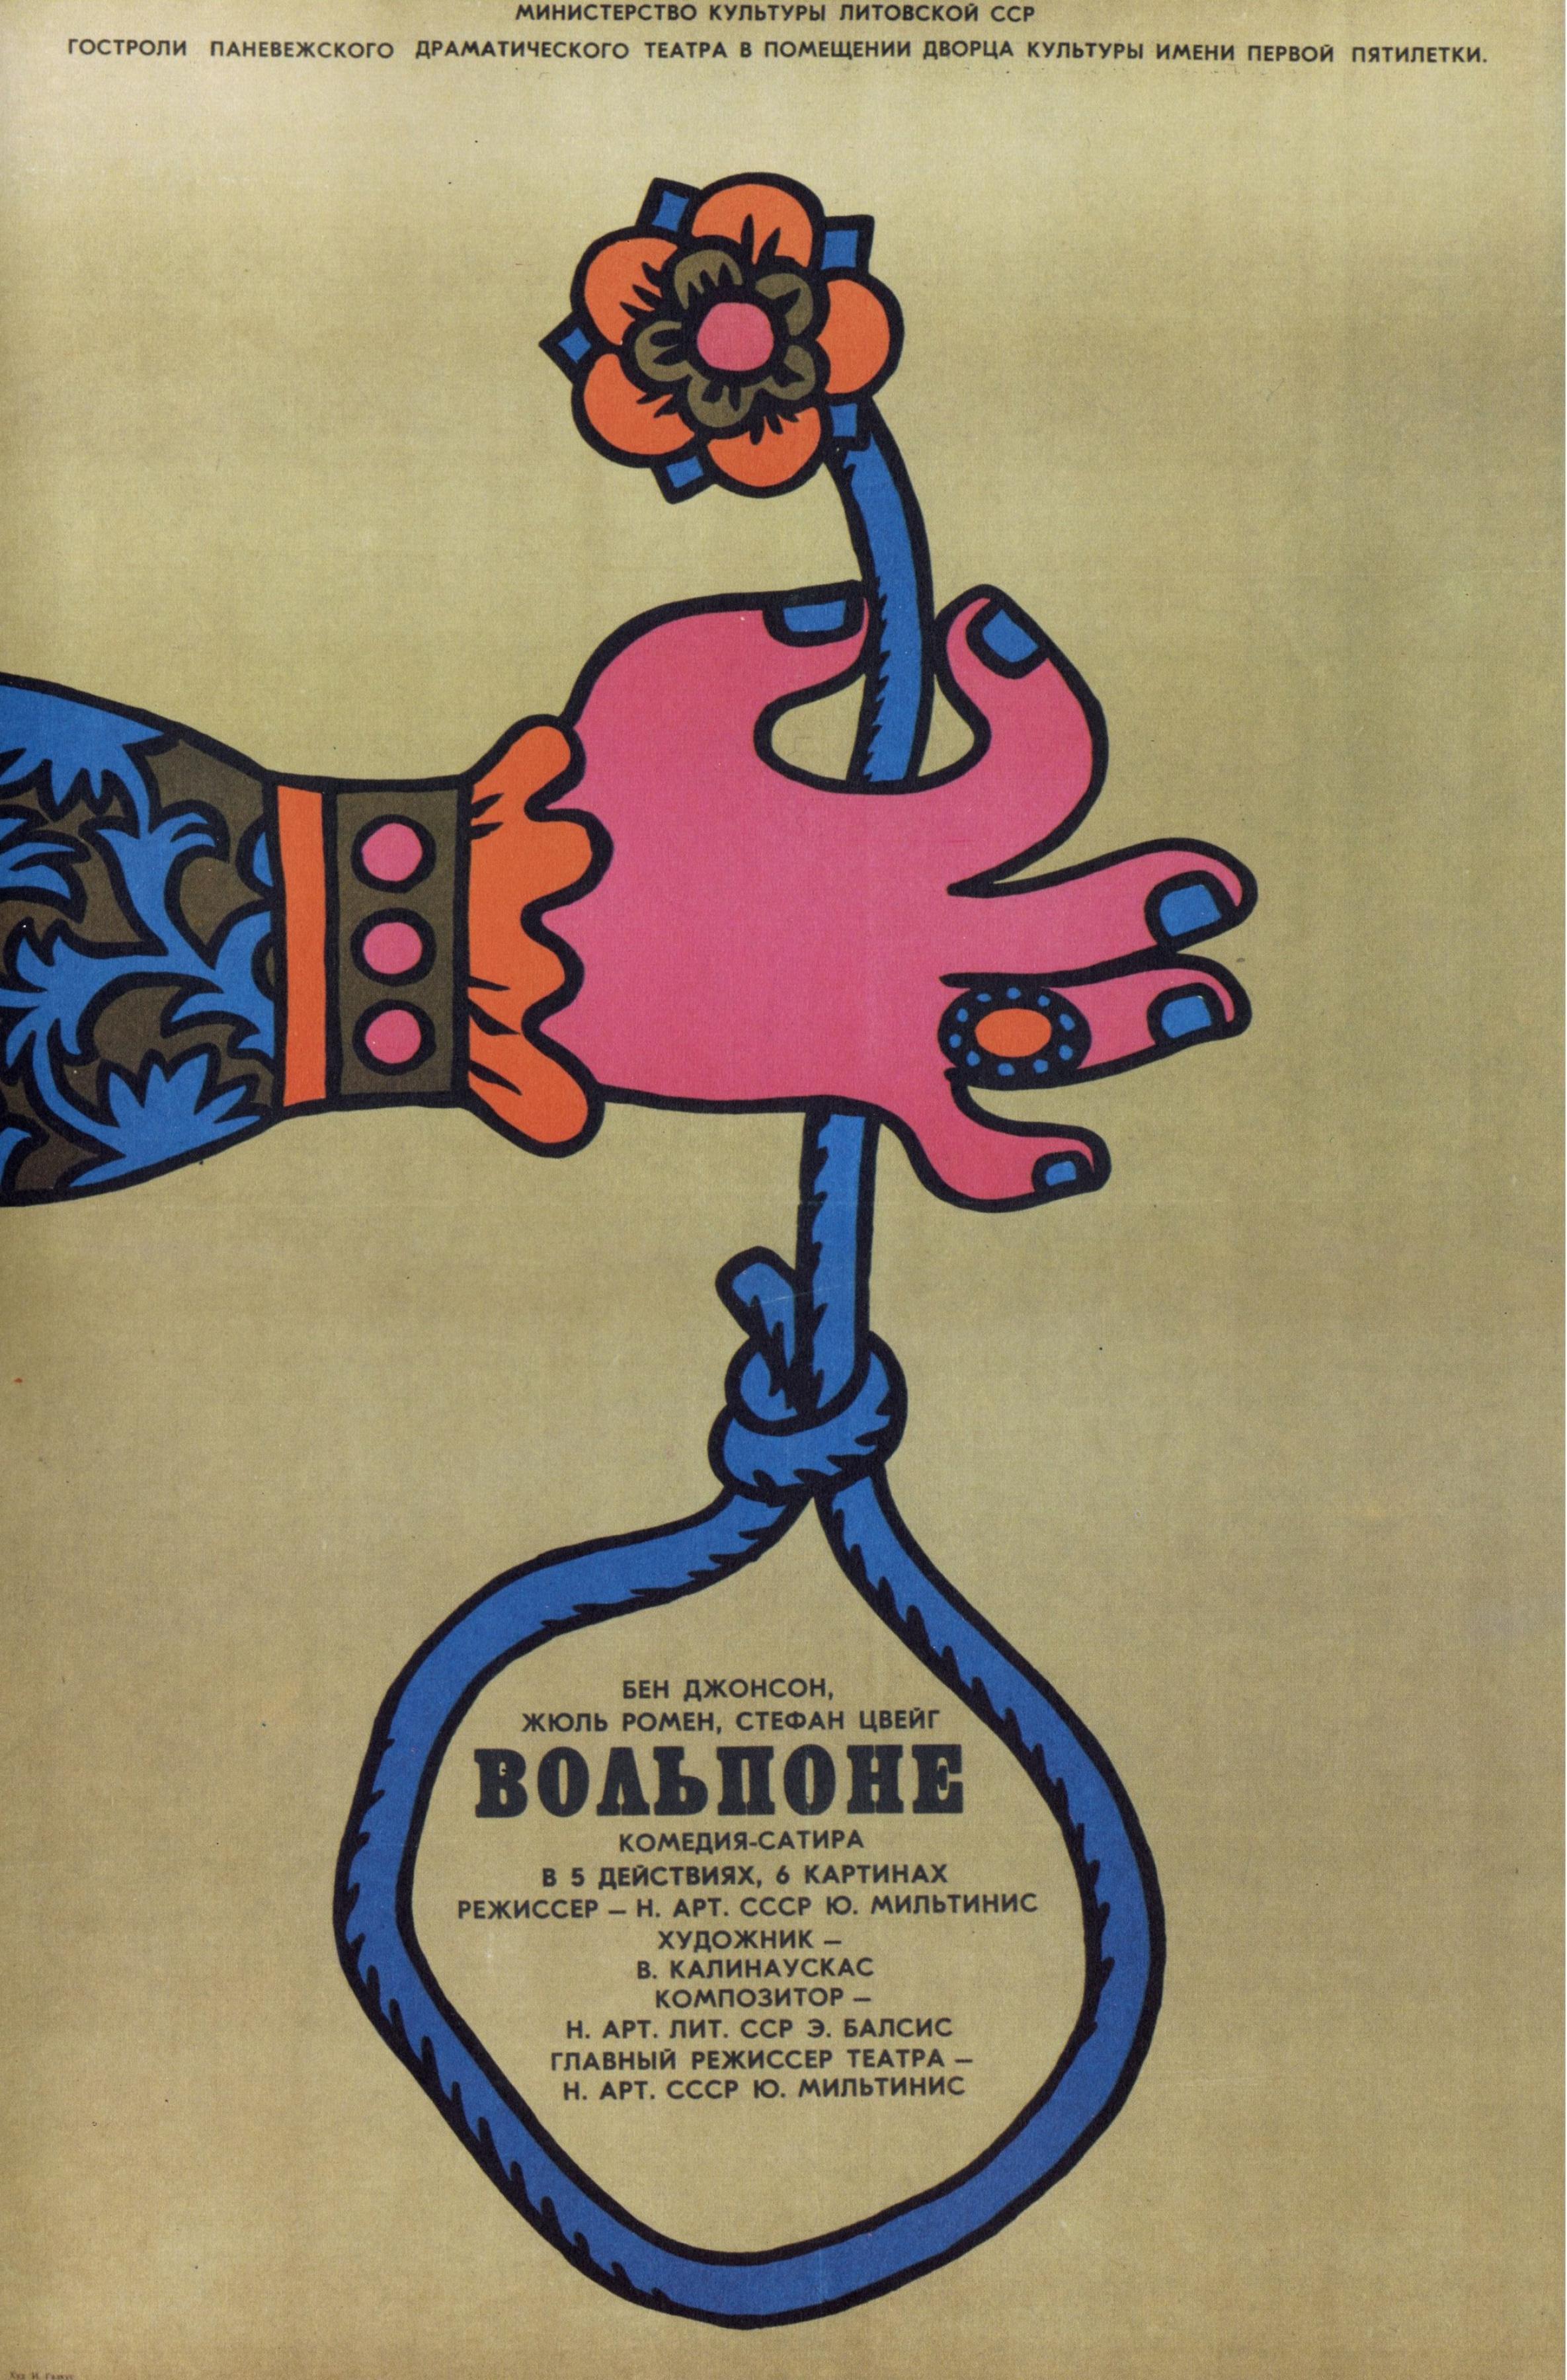 Volpone Comedy Satire Director Y Miltinis By Juozas Juozovich